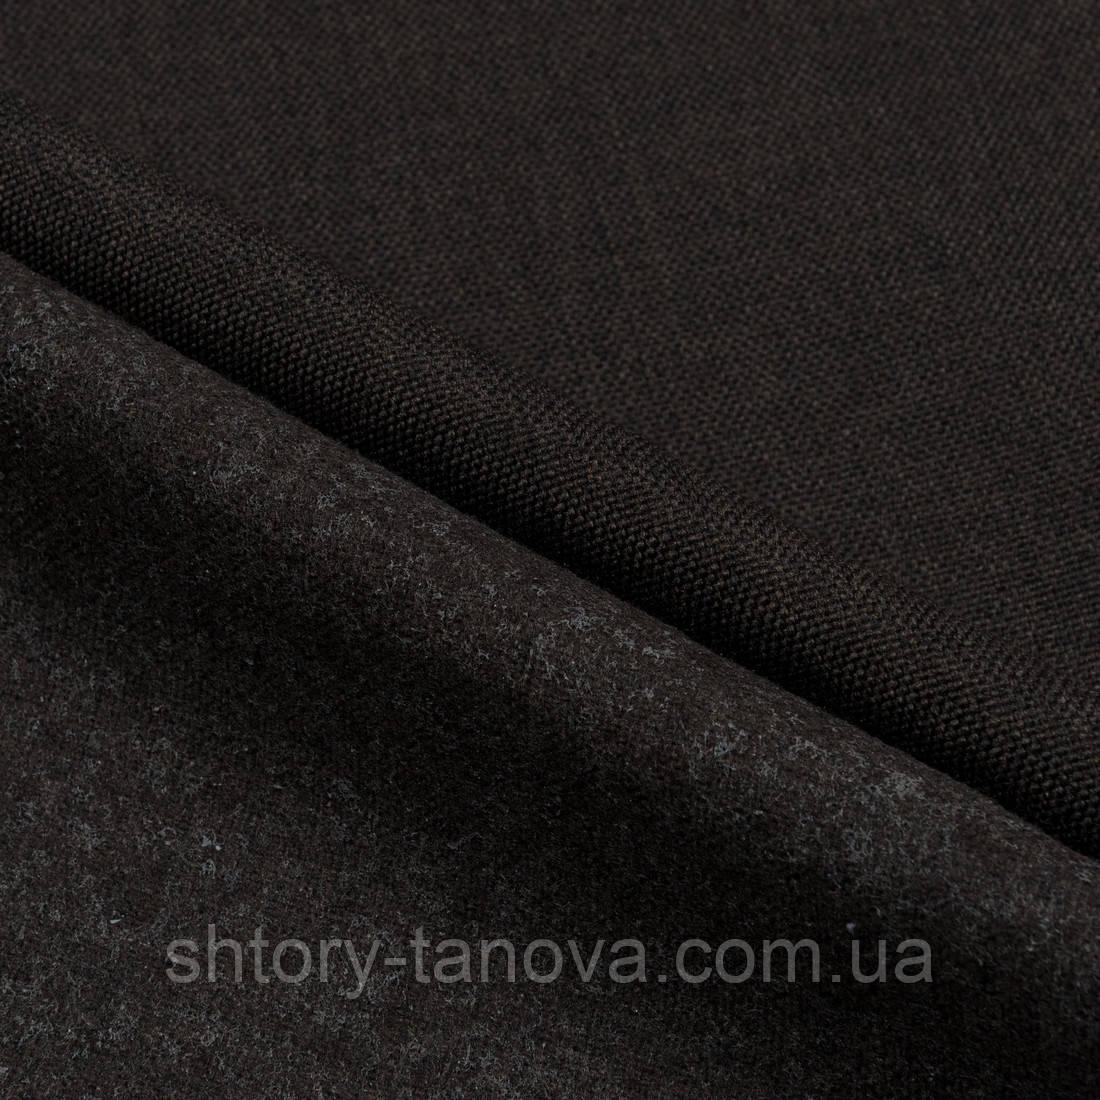 Декоративная рогожка китин т.коричневый